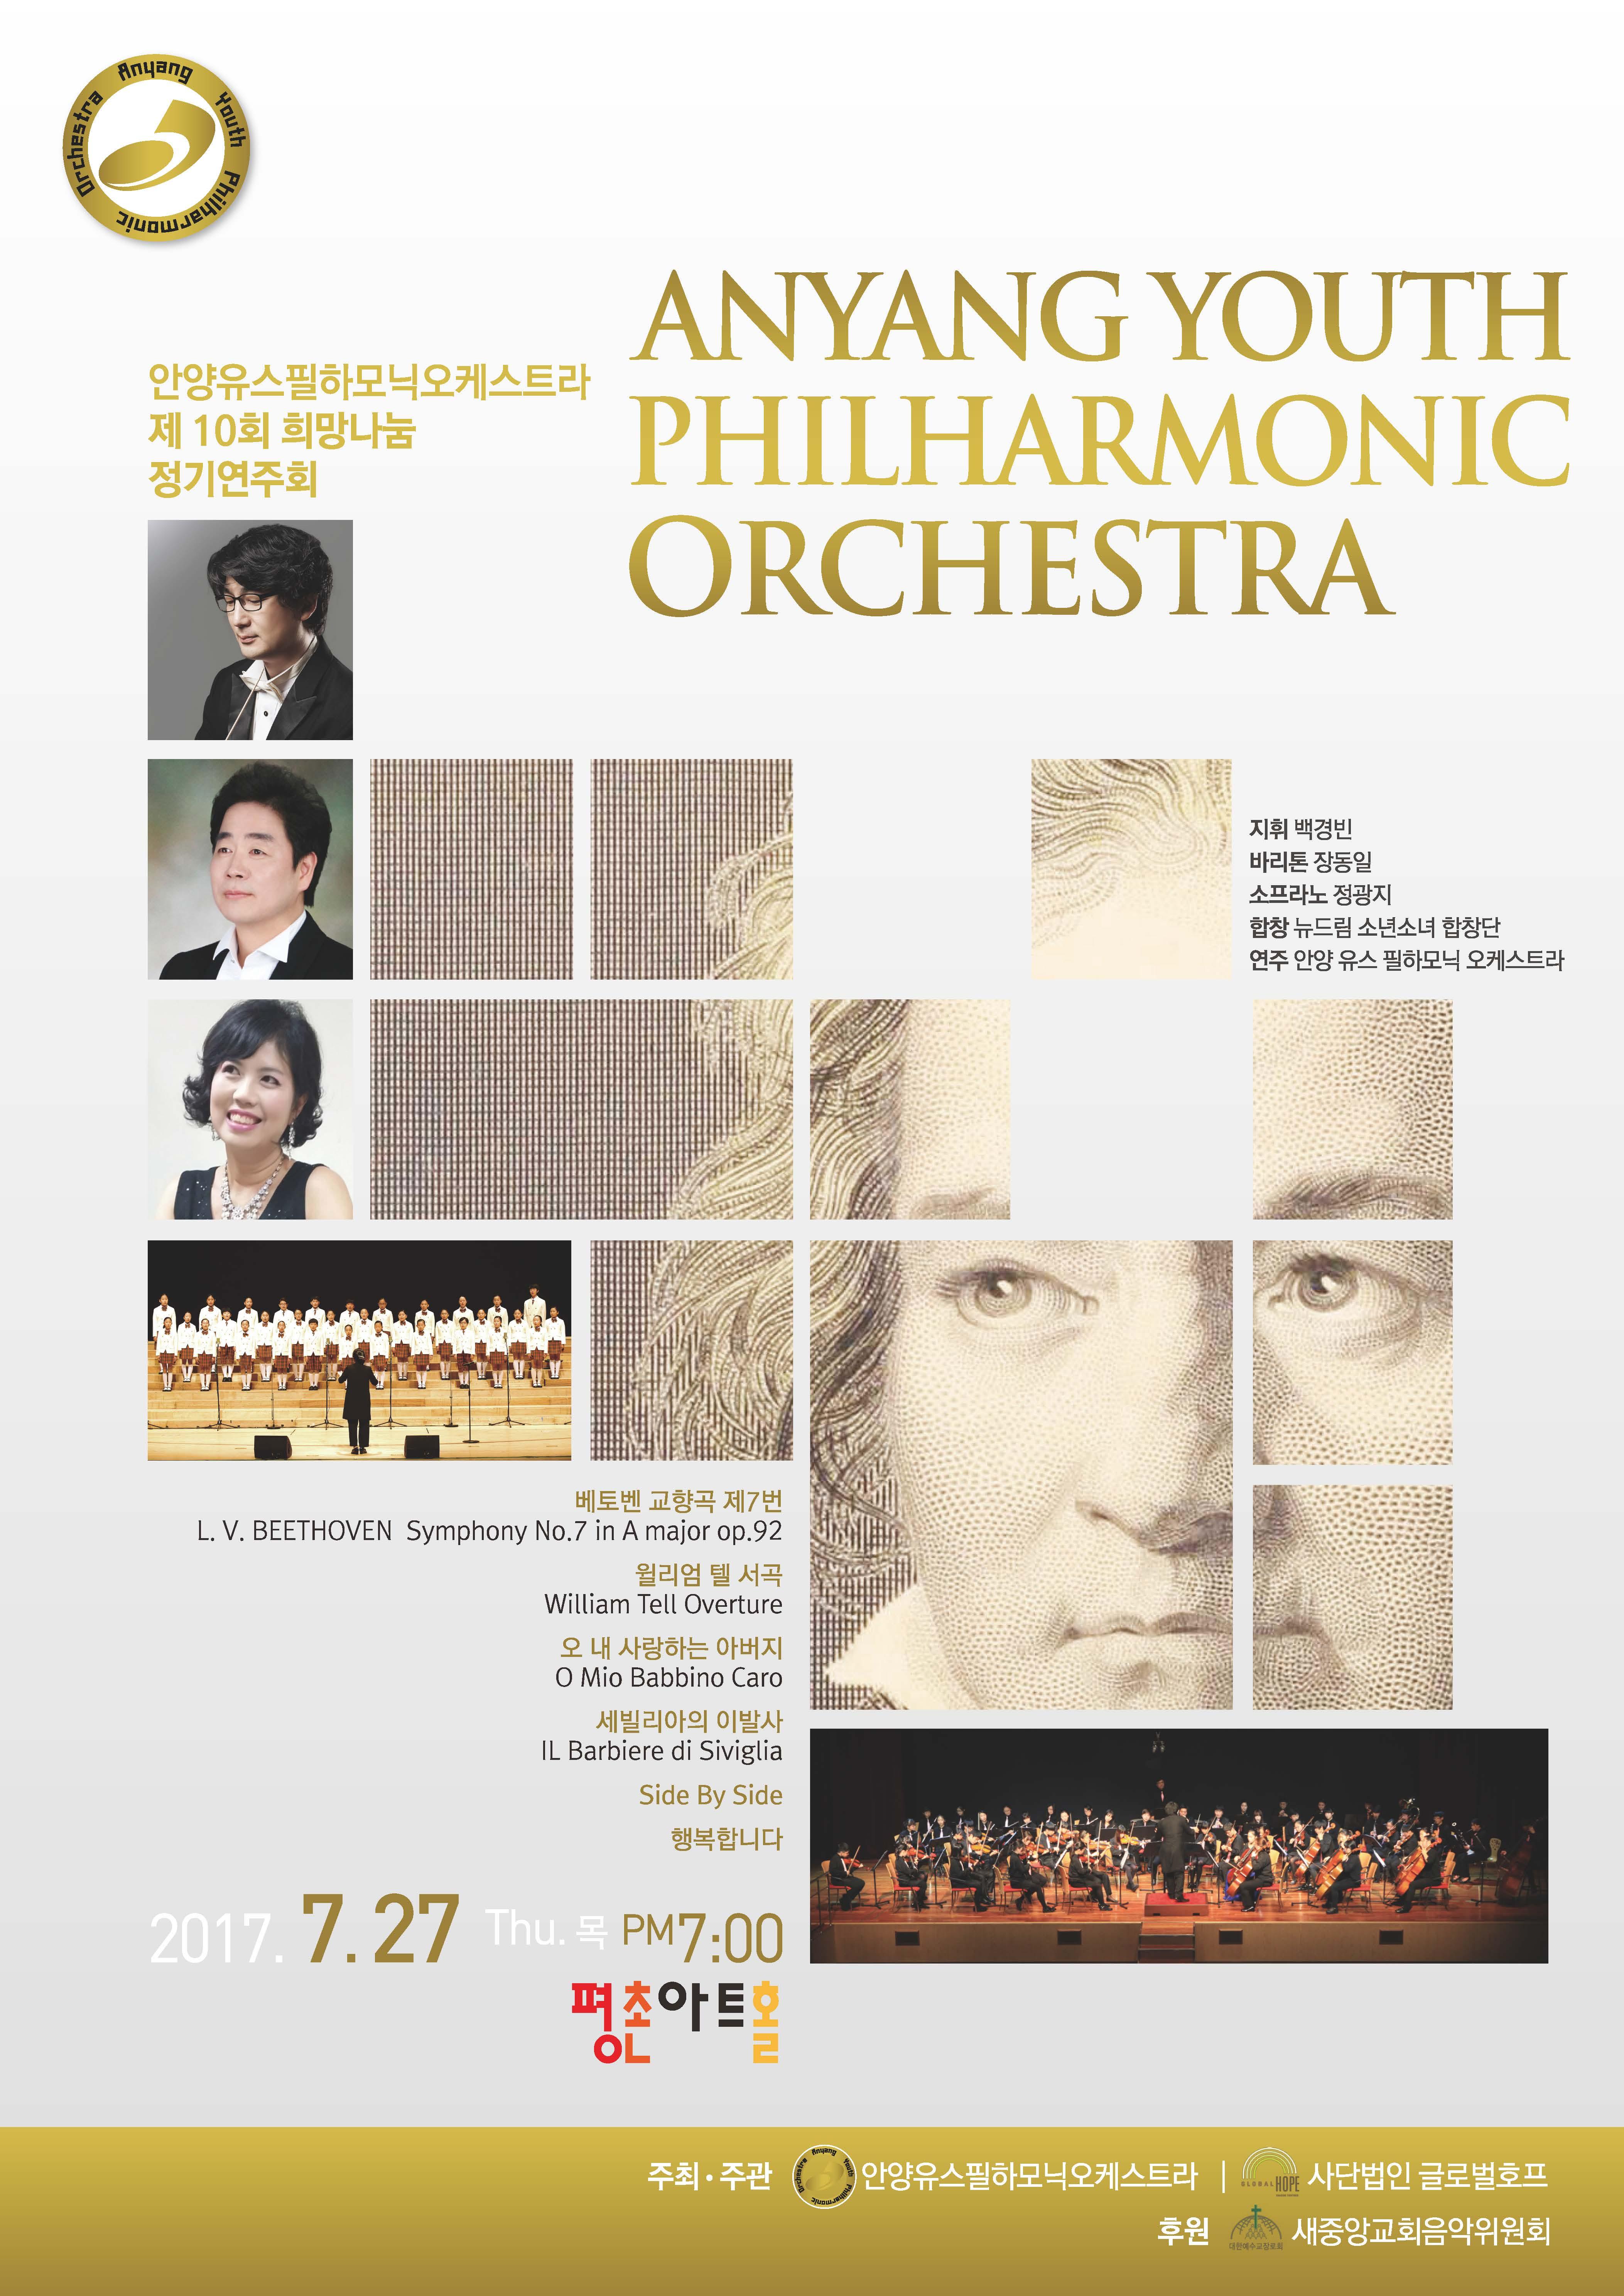 안양오케스트라 포스터.jpg